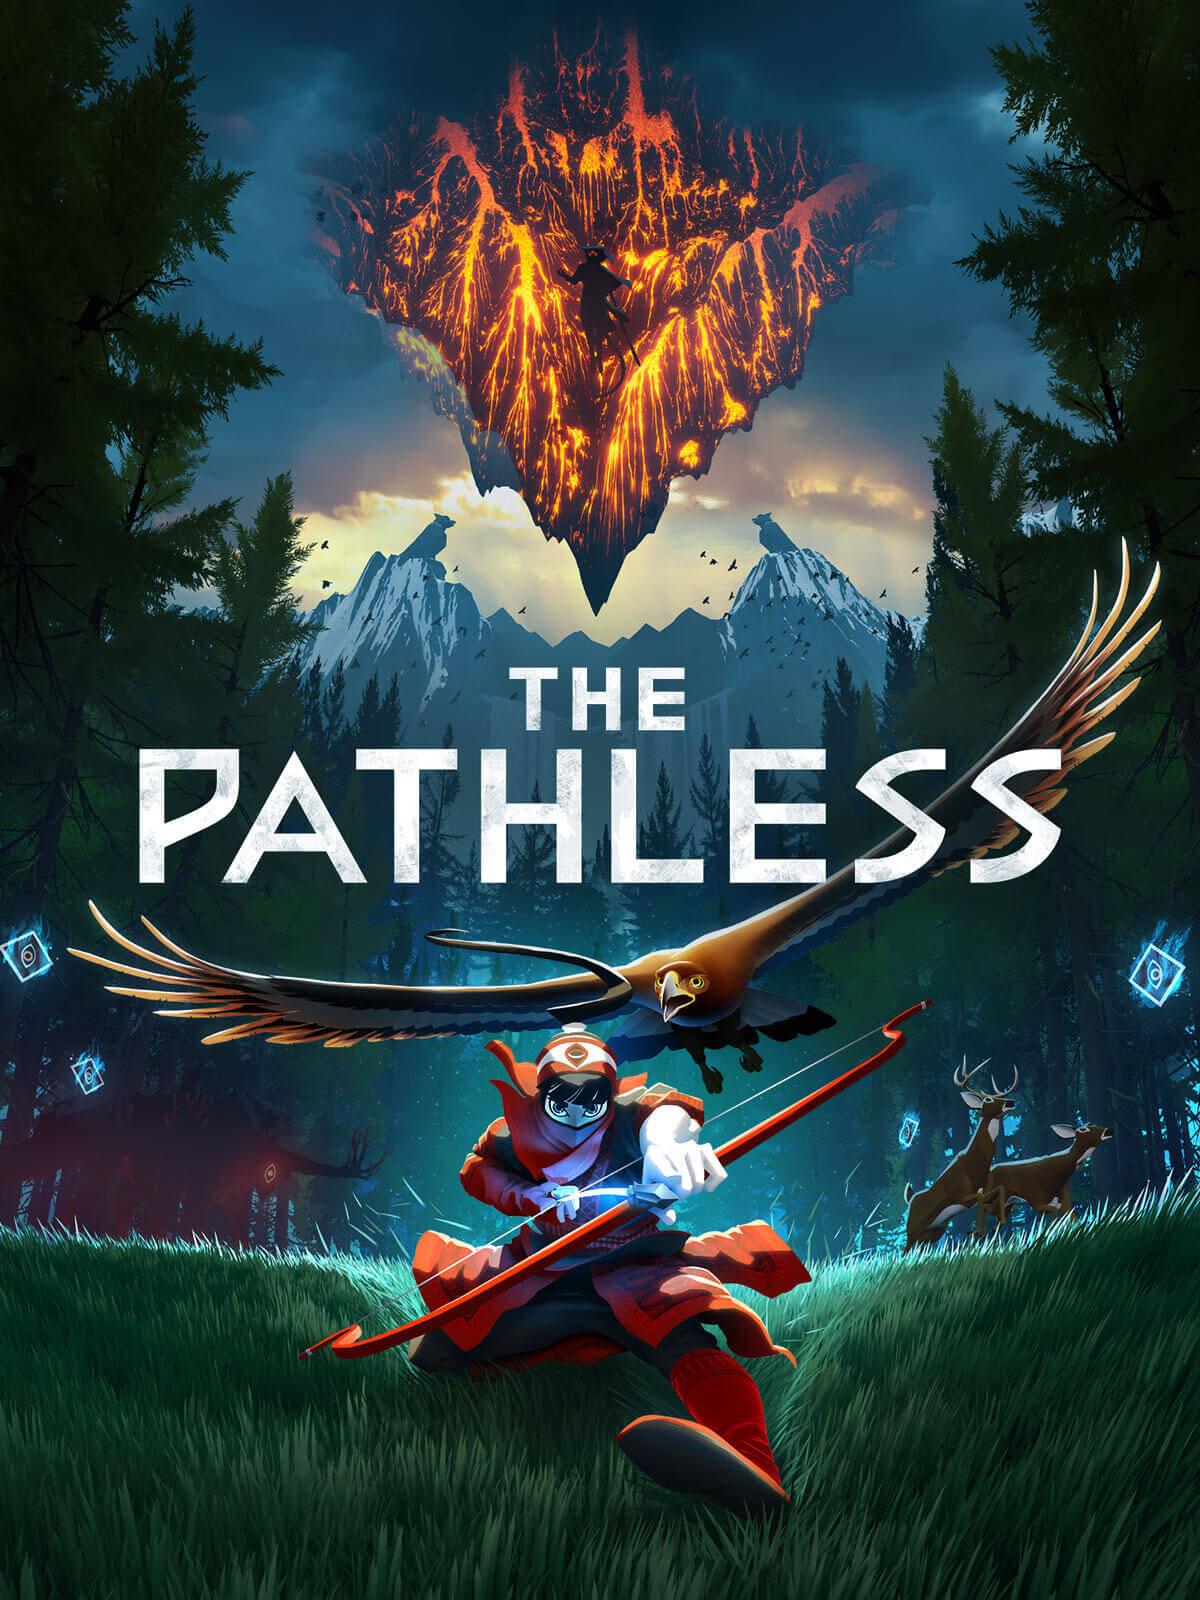 the pathless ってどんなゲーム?